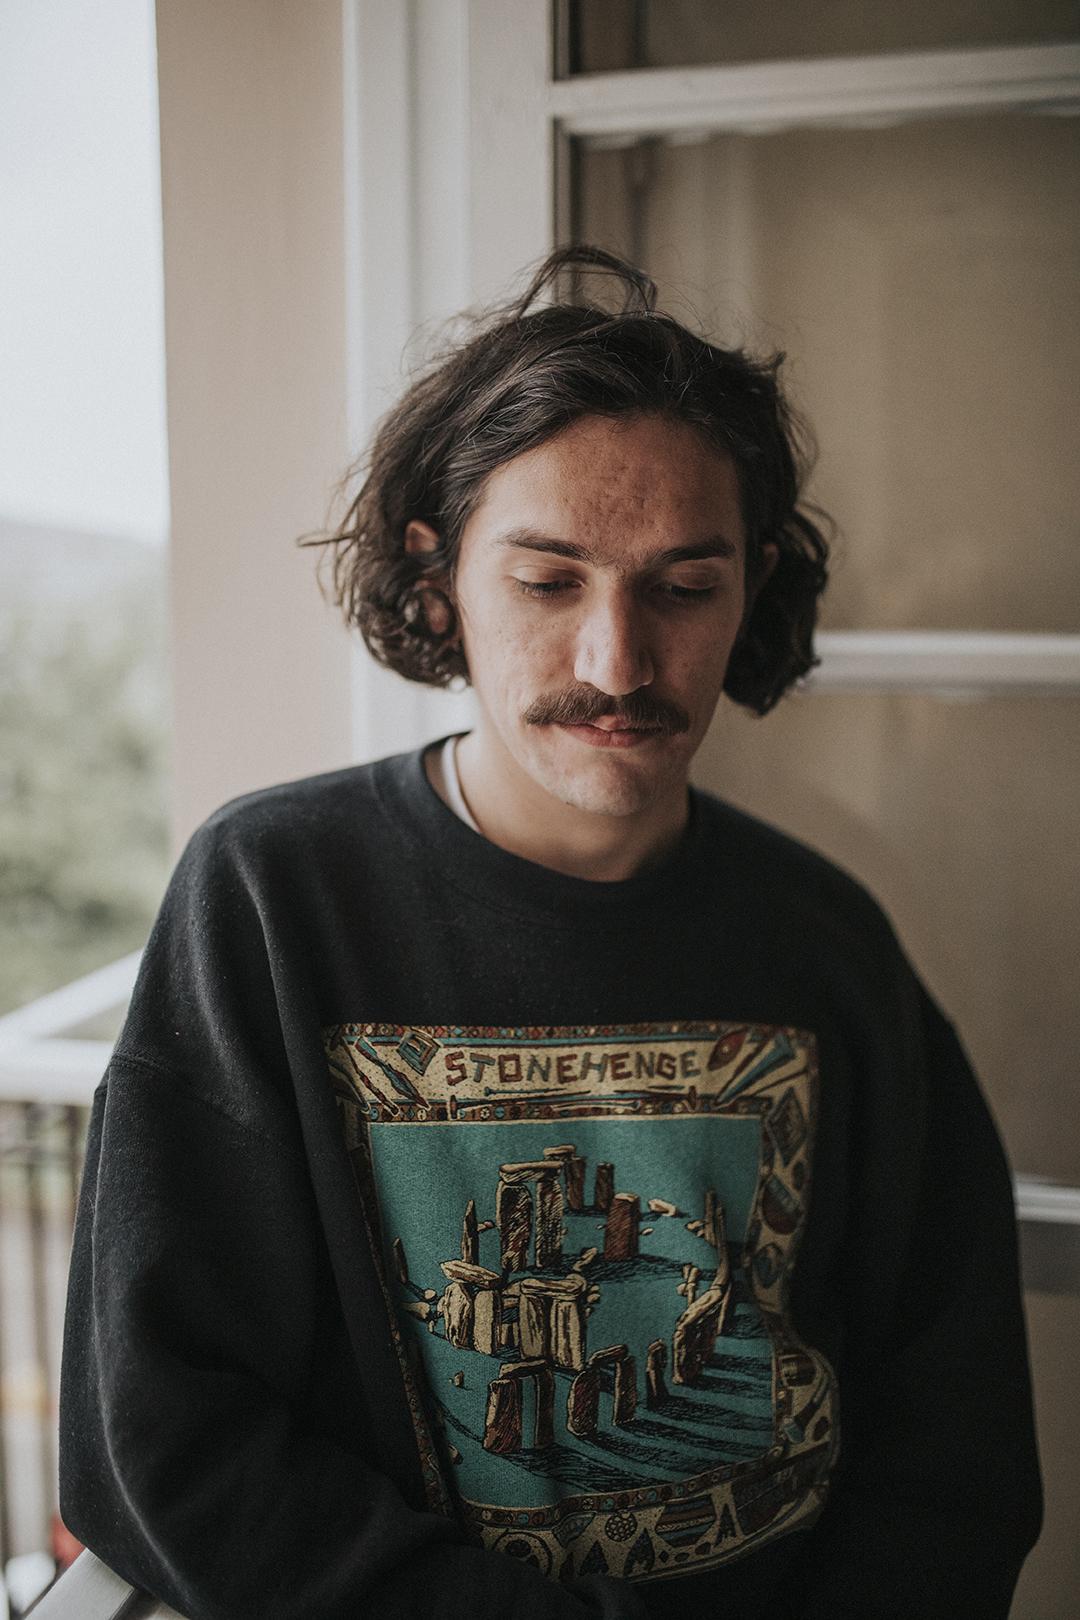 La necesidad de caer: Simón Campusano debuta en solitario con